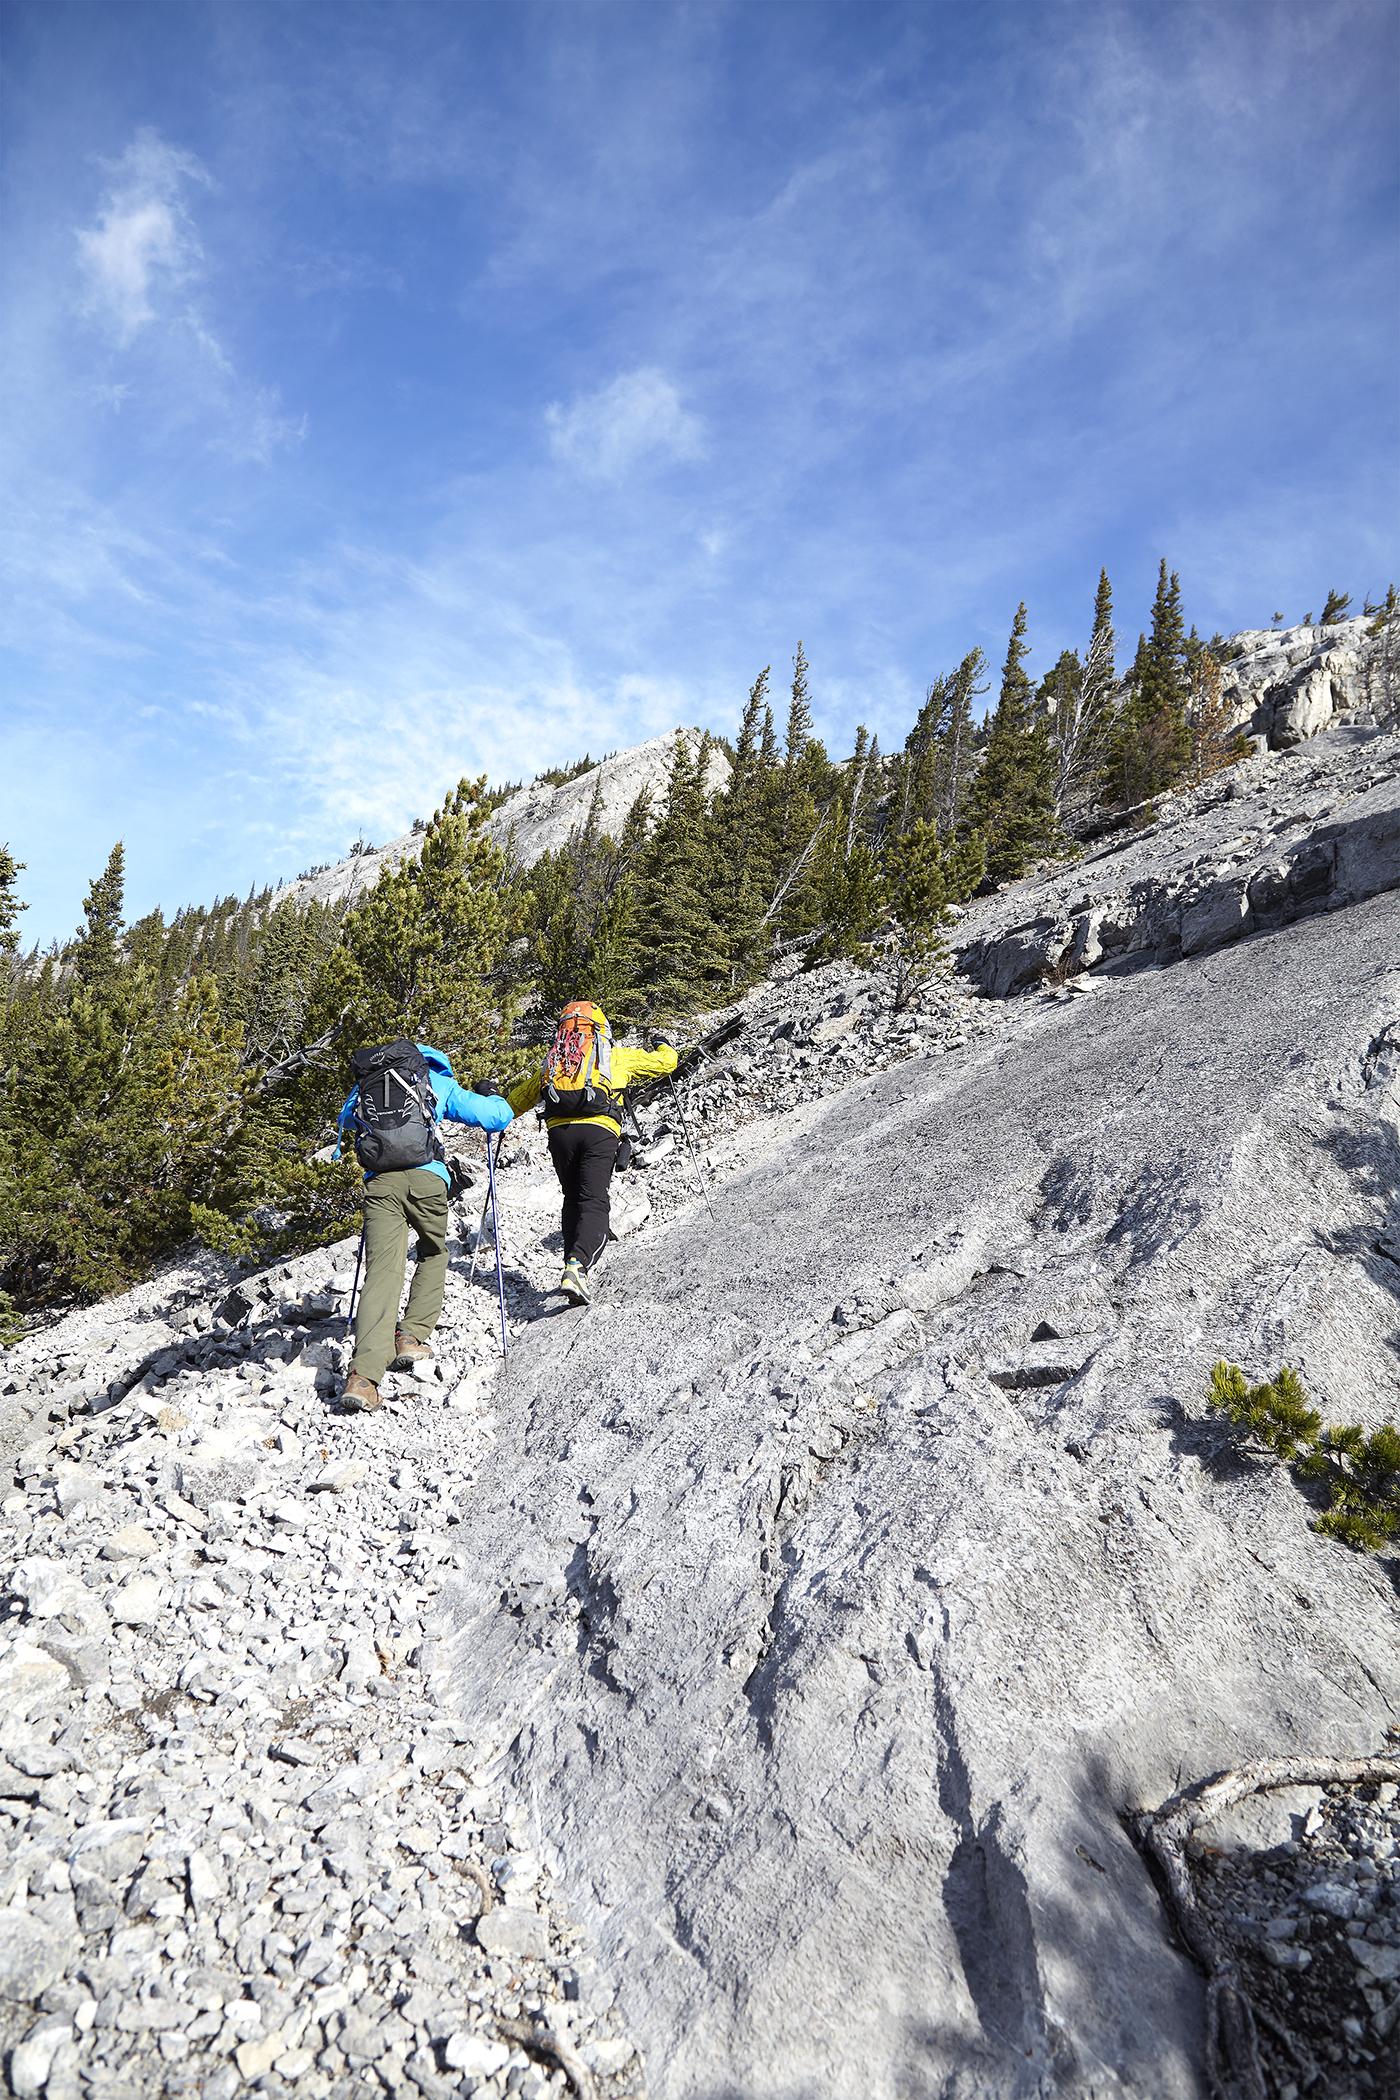 Yuri and Milan negotiating slabs on Doorjamb Mountain.